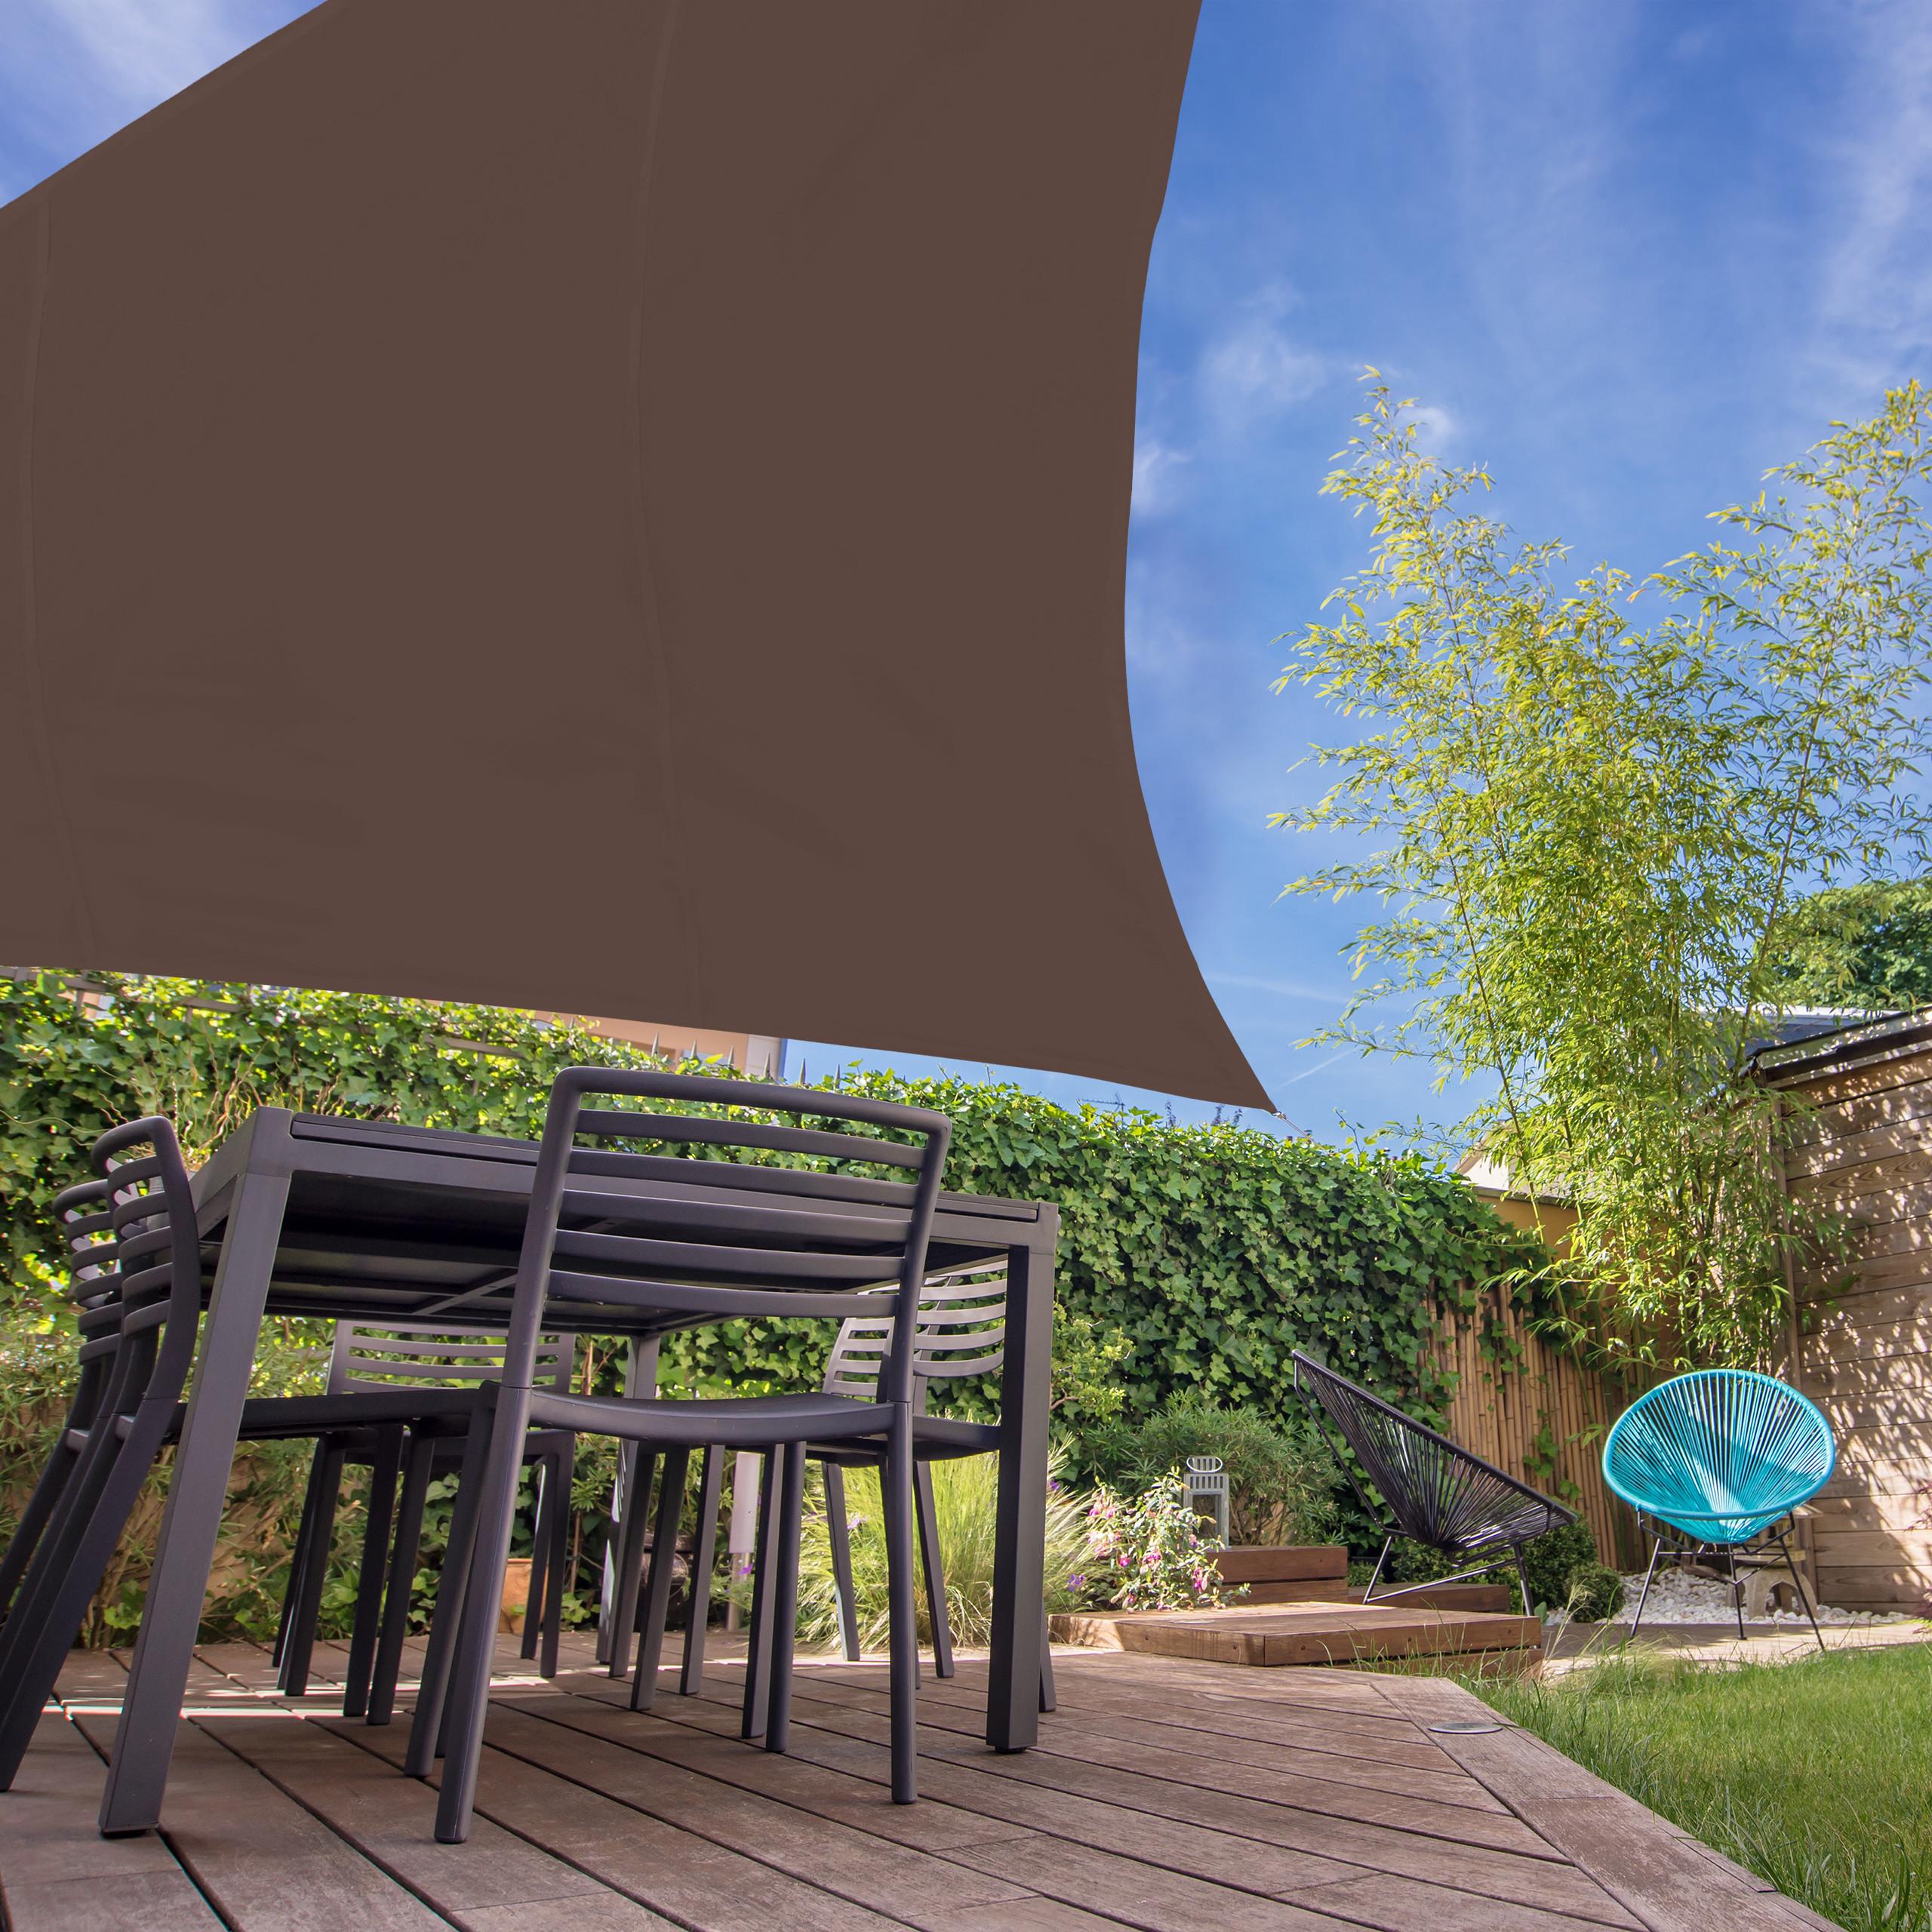 Sonnensegel Dreieck Sun Shade Schattenspender Sonnentuch Segel ver Größen braun